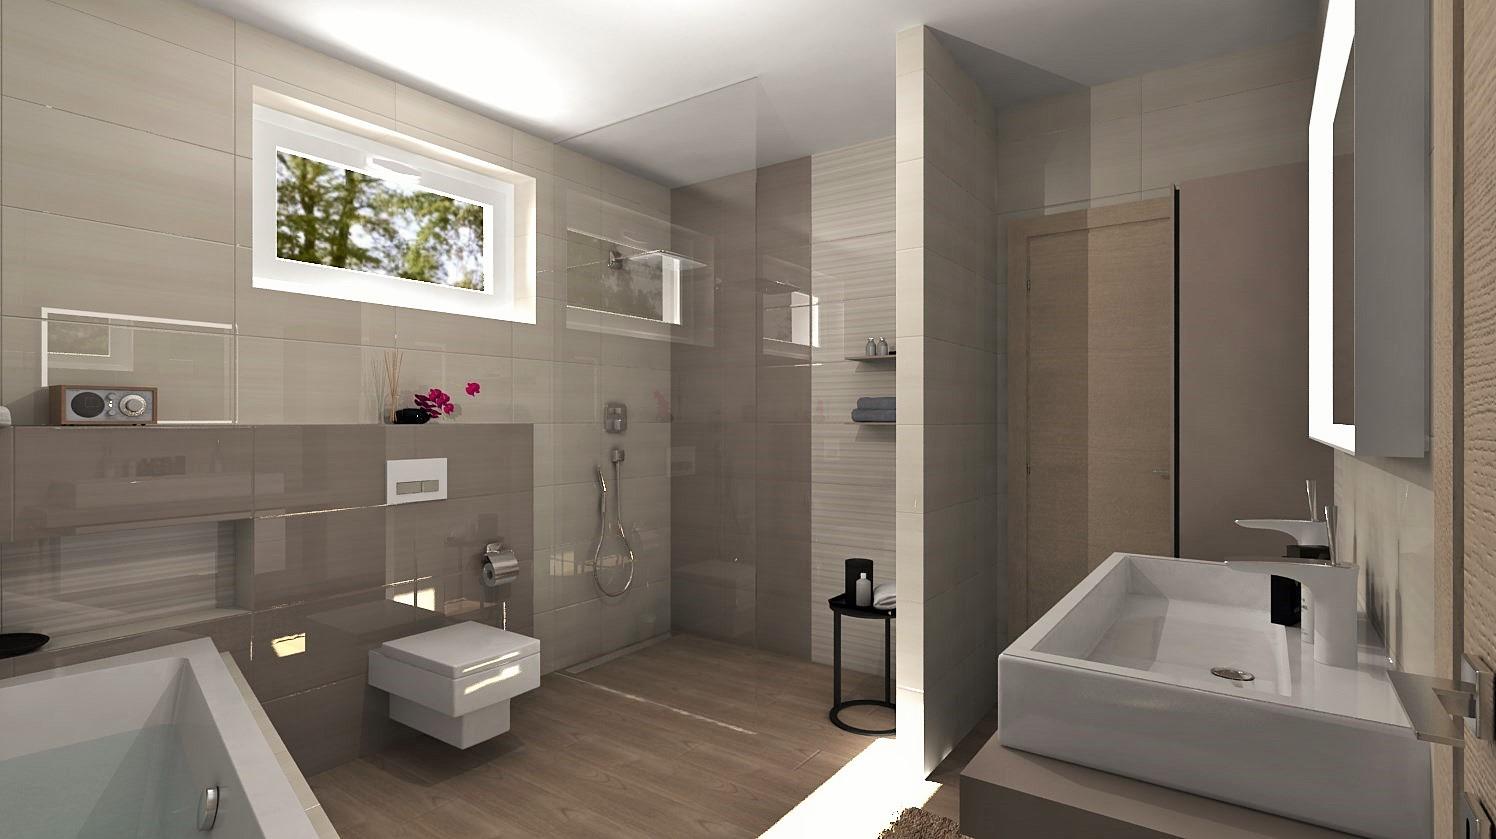 Návrhy a vizualizácie kúpeľní - Obrázok č. 96